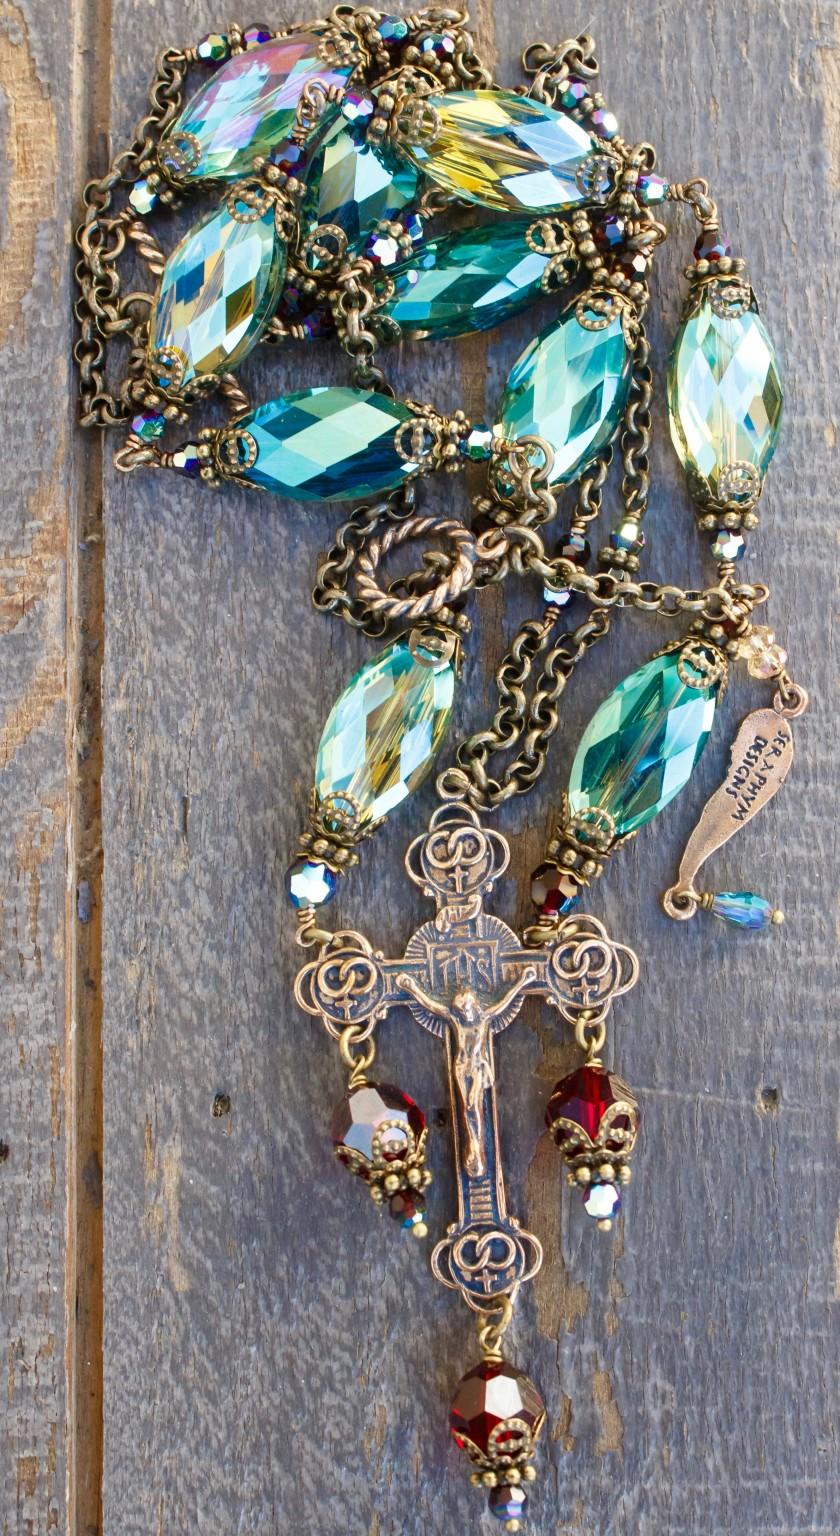 Aqua with Garnet Crystal Necklace – 14x20mm